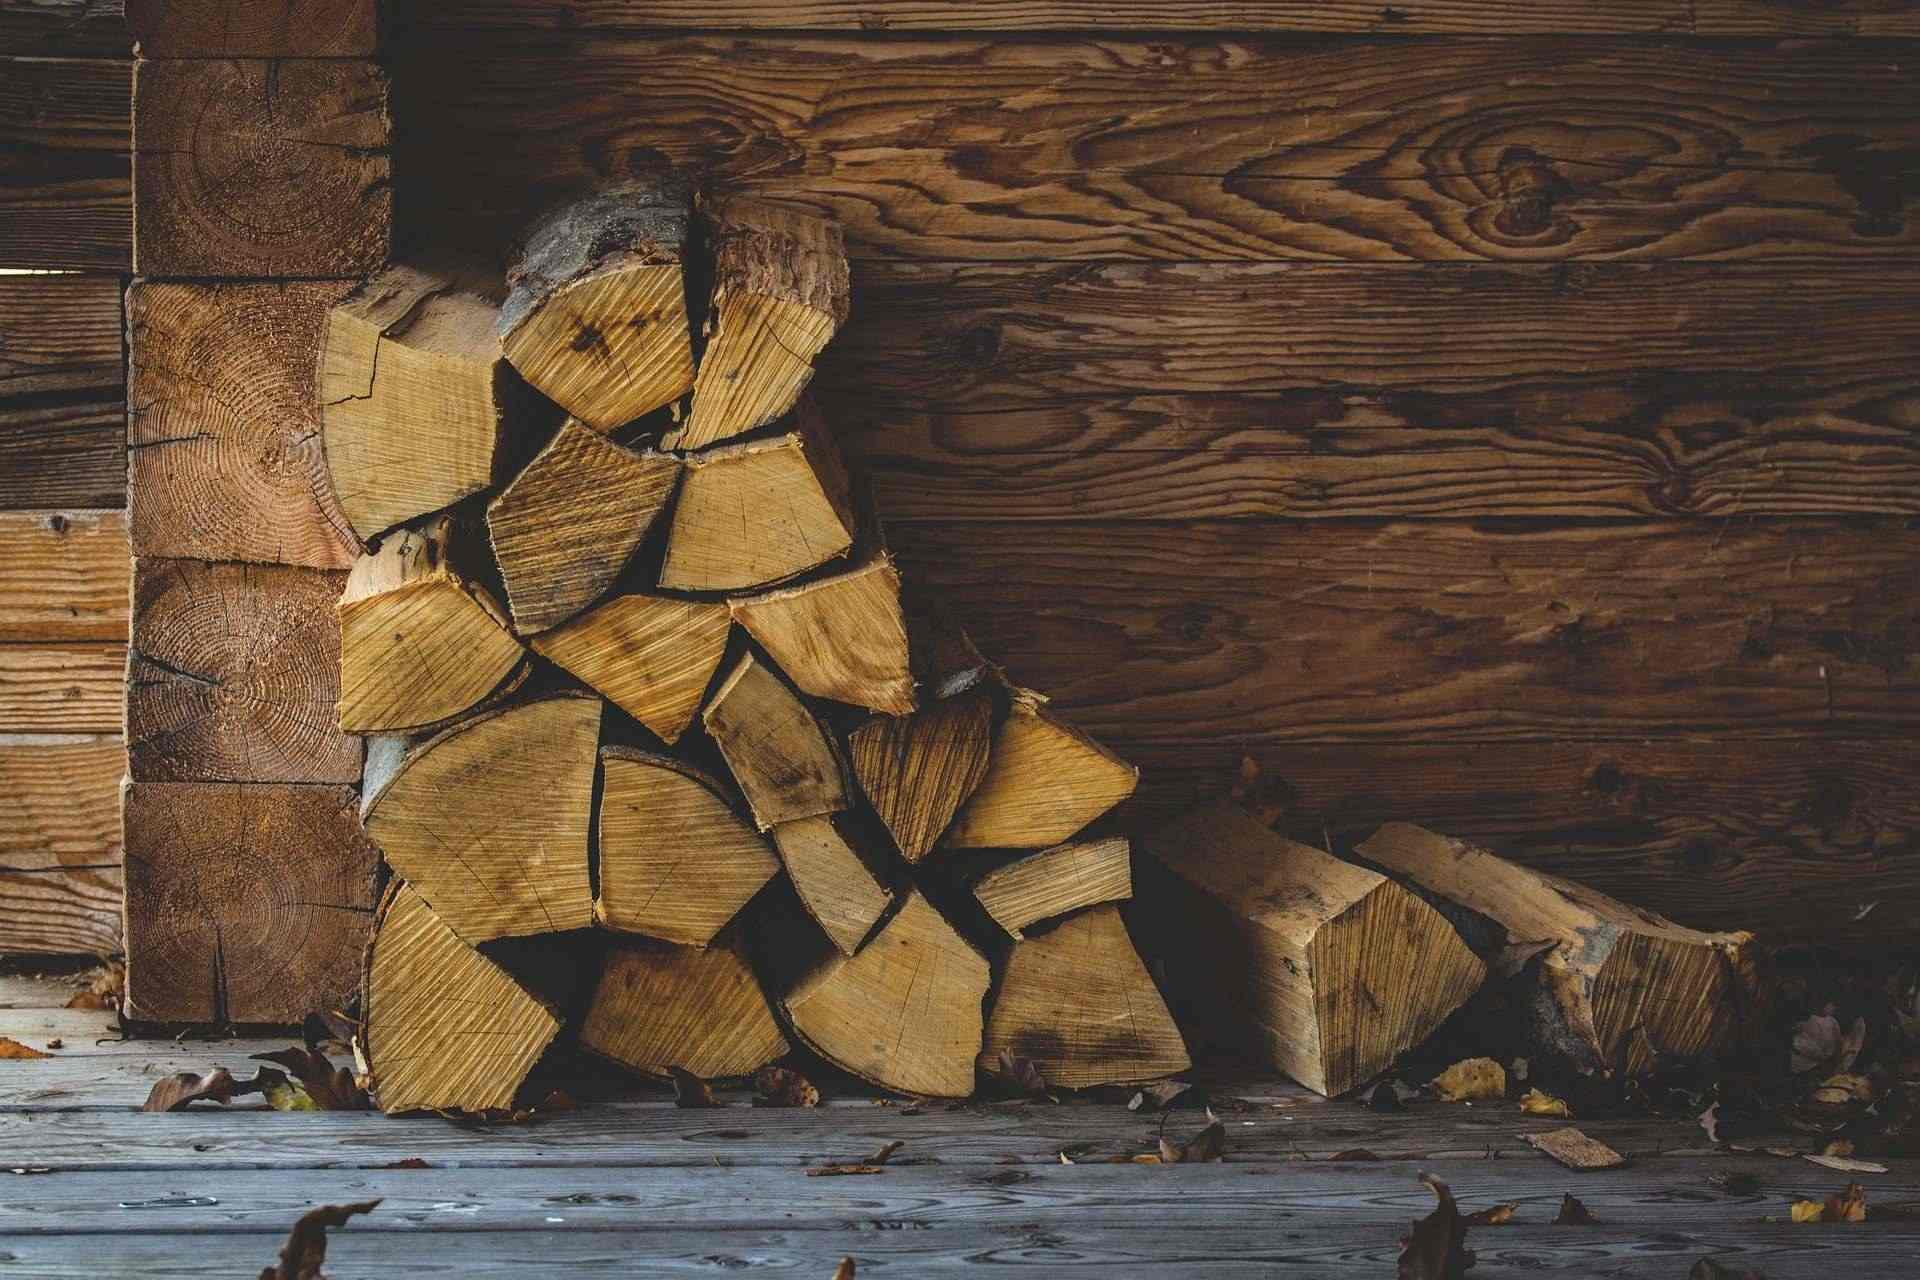 Купить машину дров в Новороссийске и не прогореть